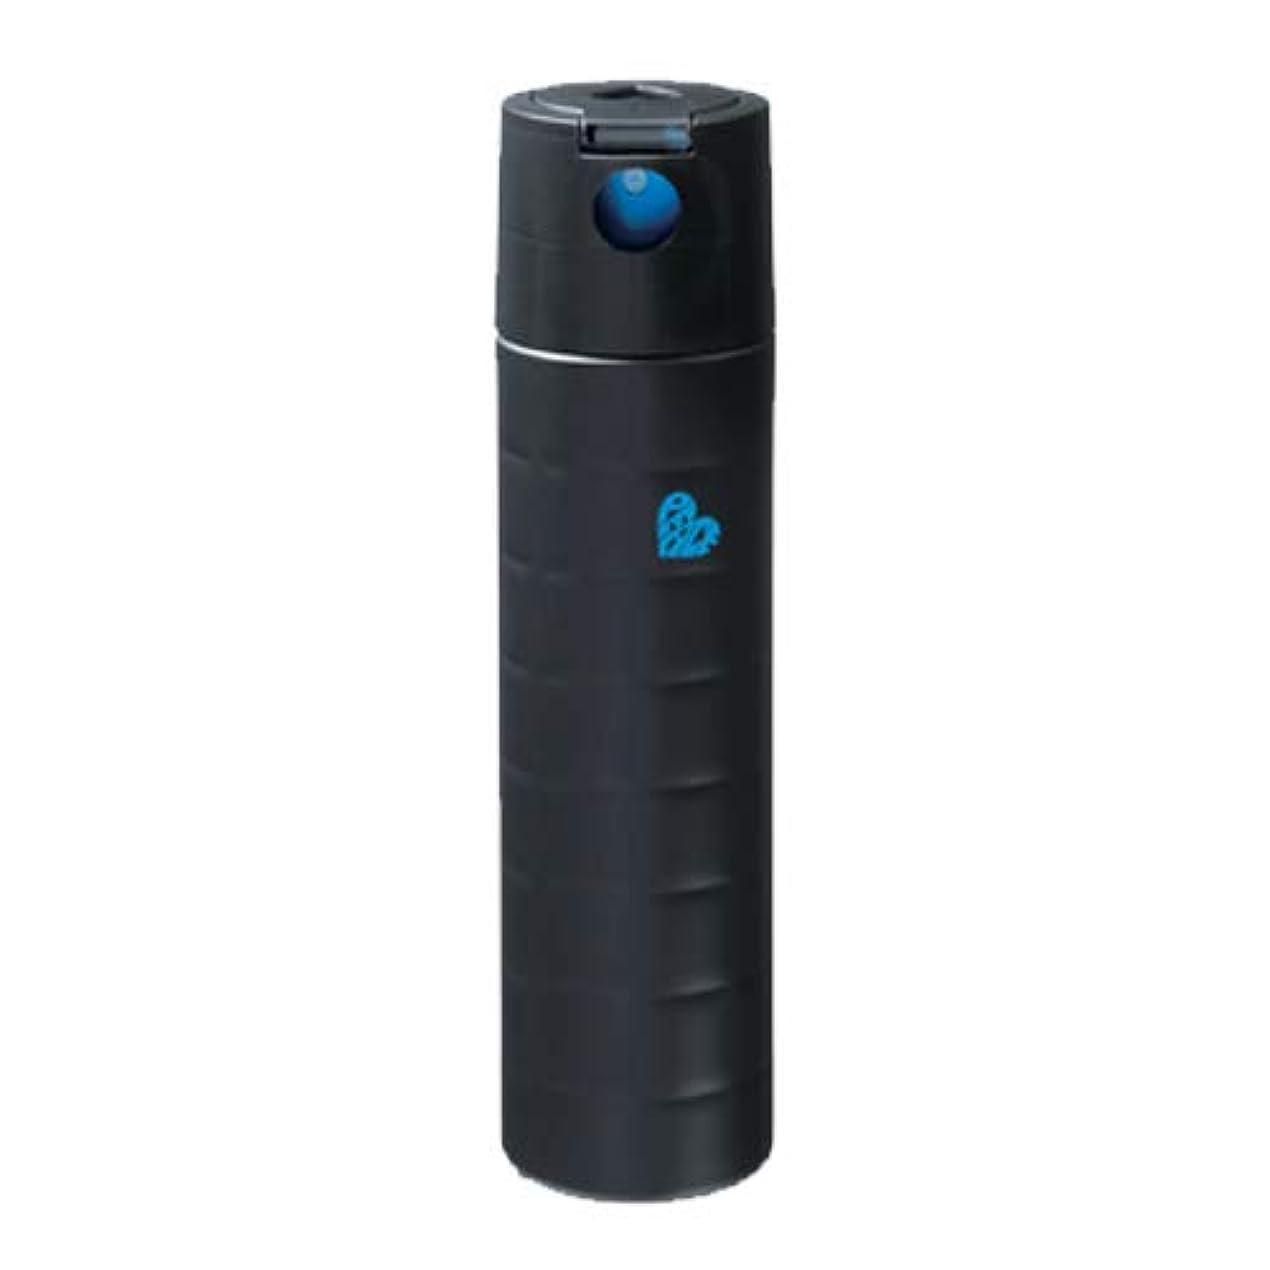 エレメンタル意義スリッパアリミノ ピース フリーズキープspray ブラック 200ml